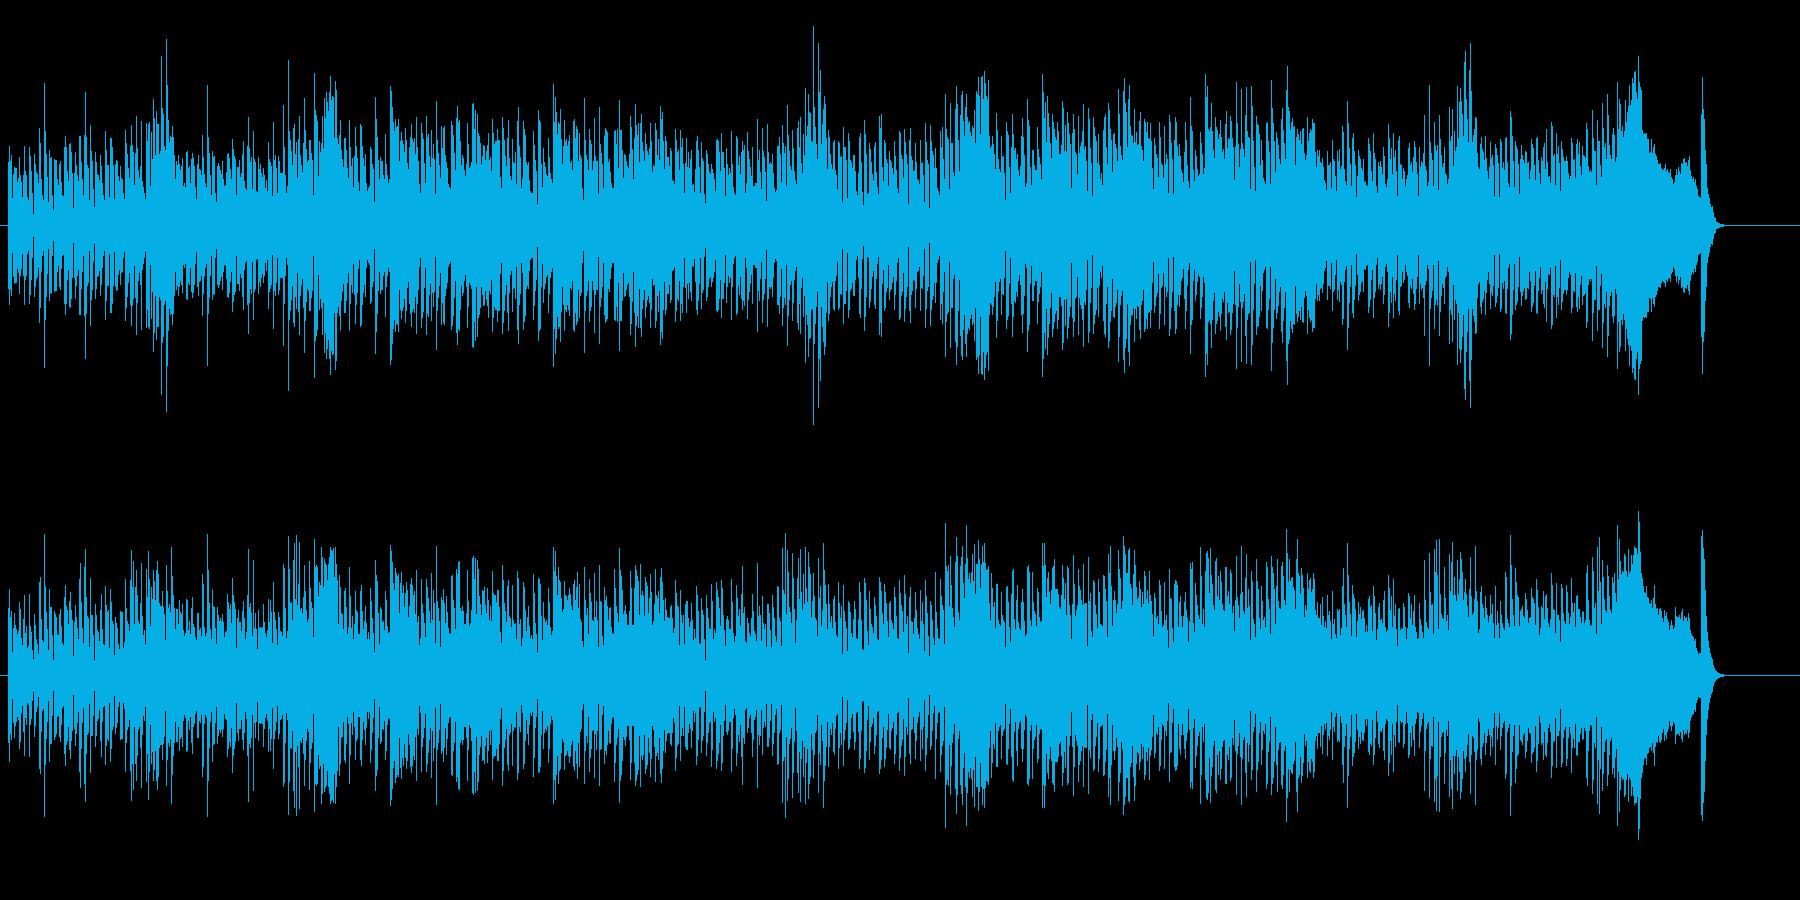 うるわしのテクノ・ポップの再生済みの波形